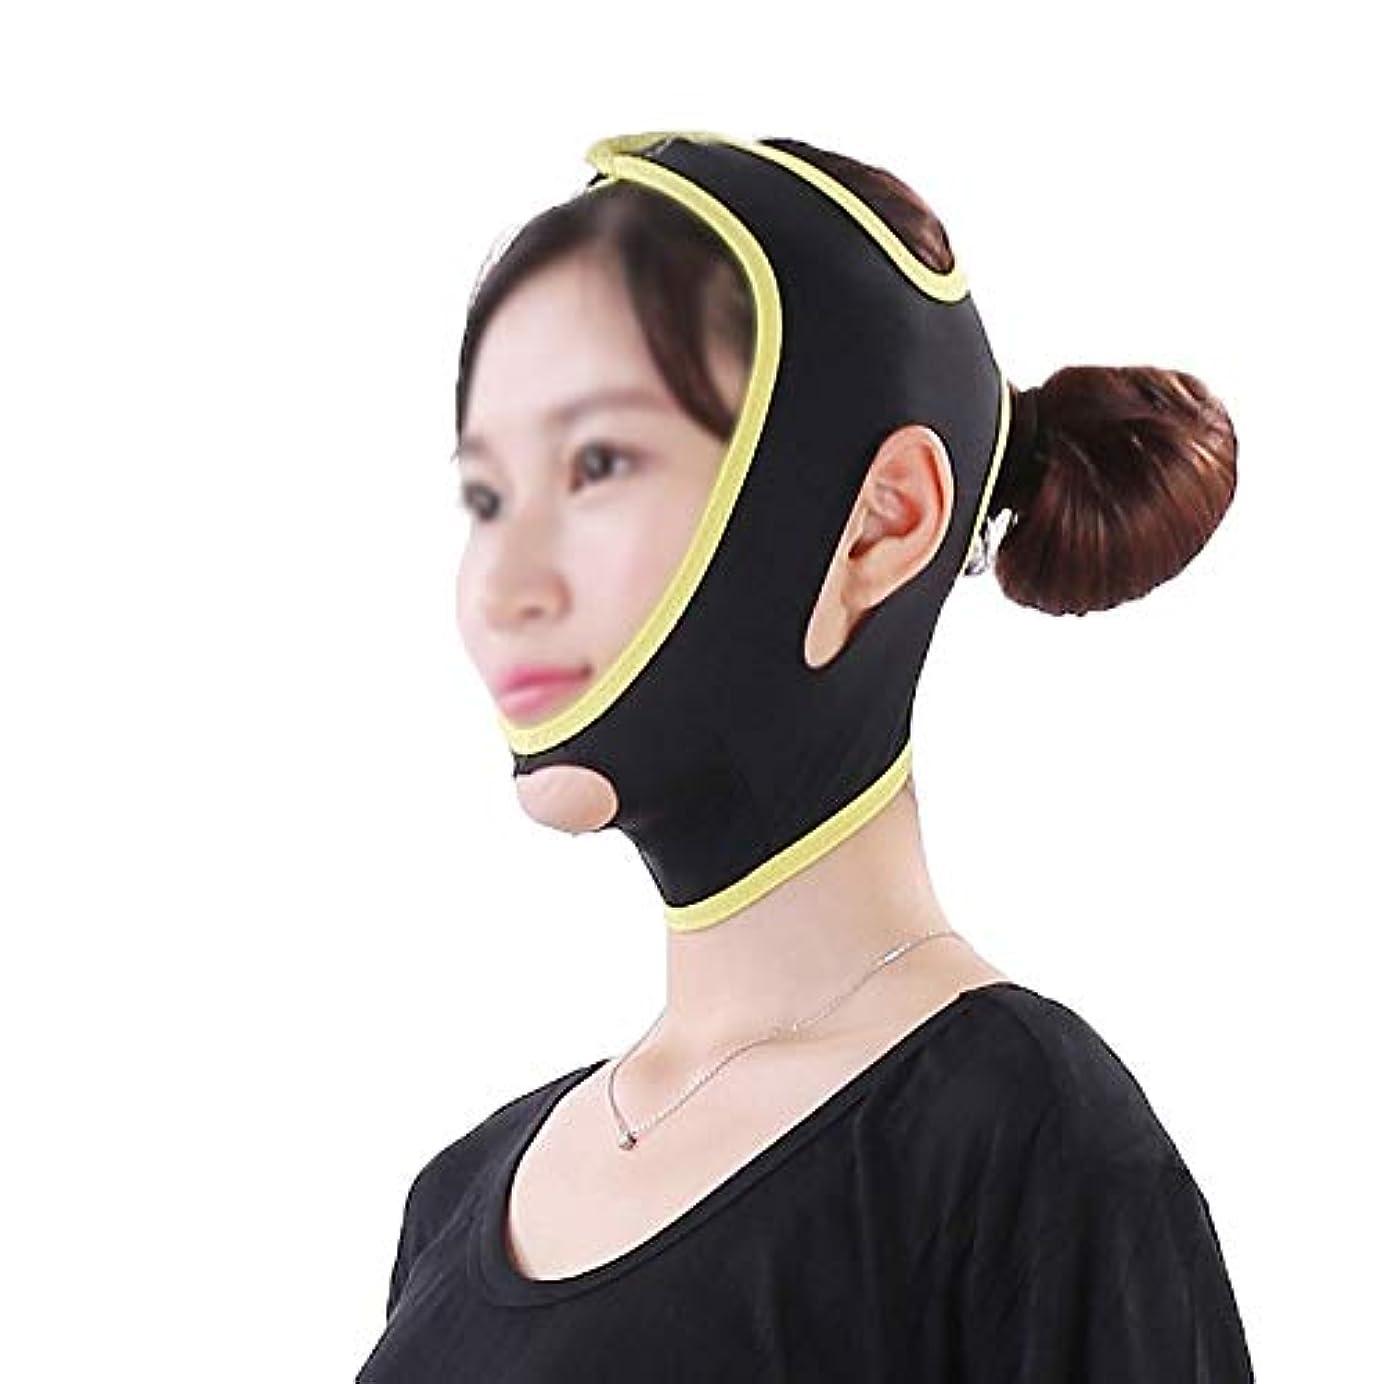 変形残高シェフGLJJQMY フェイス&ネックリフトシンフェイスマスクパワフルマスクフェイスリフトアーチファクトフェイスリフトフェイスツールシンフェイス包帯シンフェイスマスク美容マスク 顔用整形マスク (Size : L)